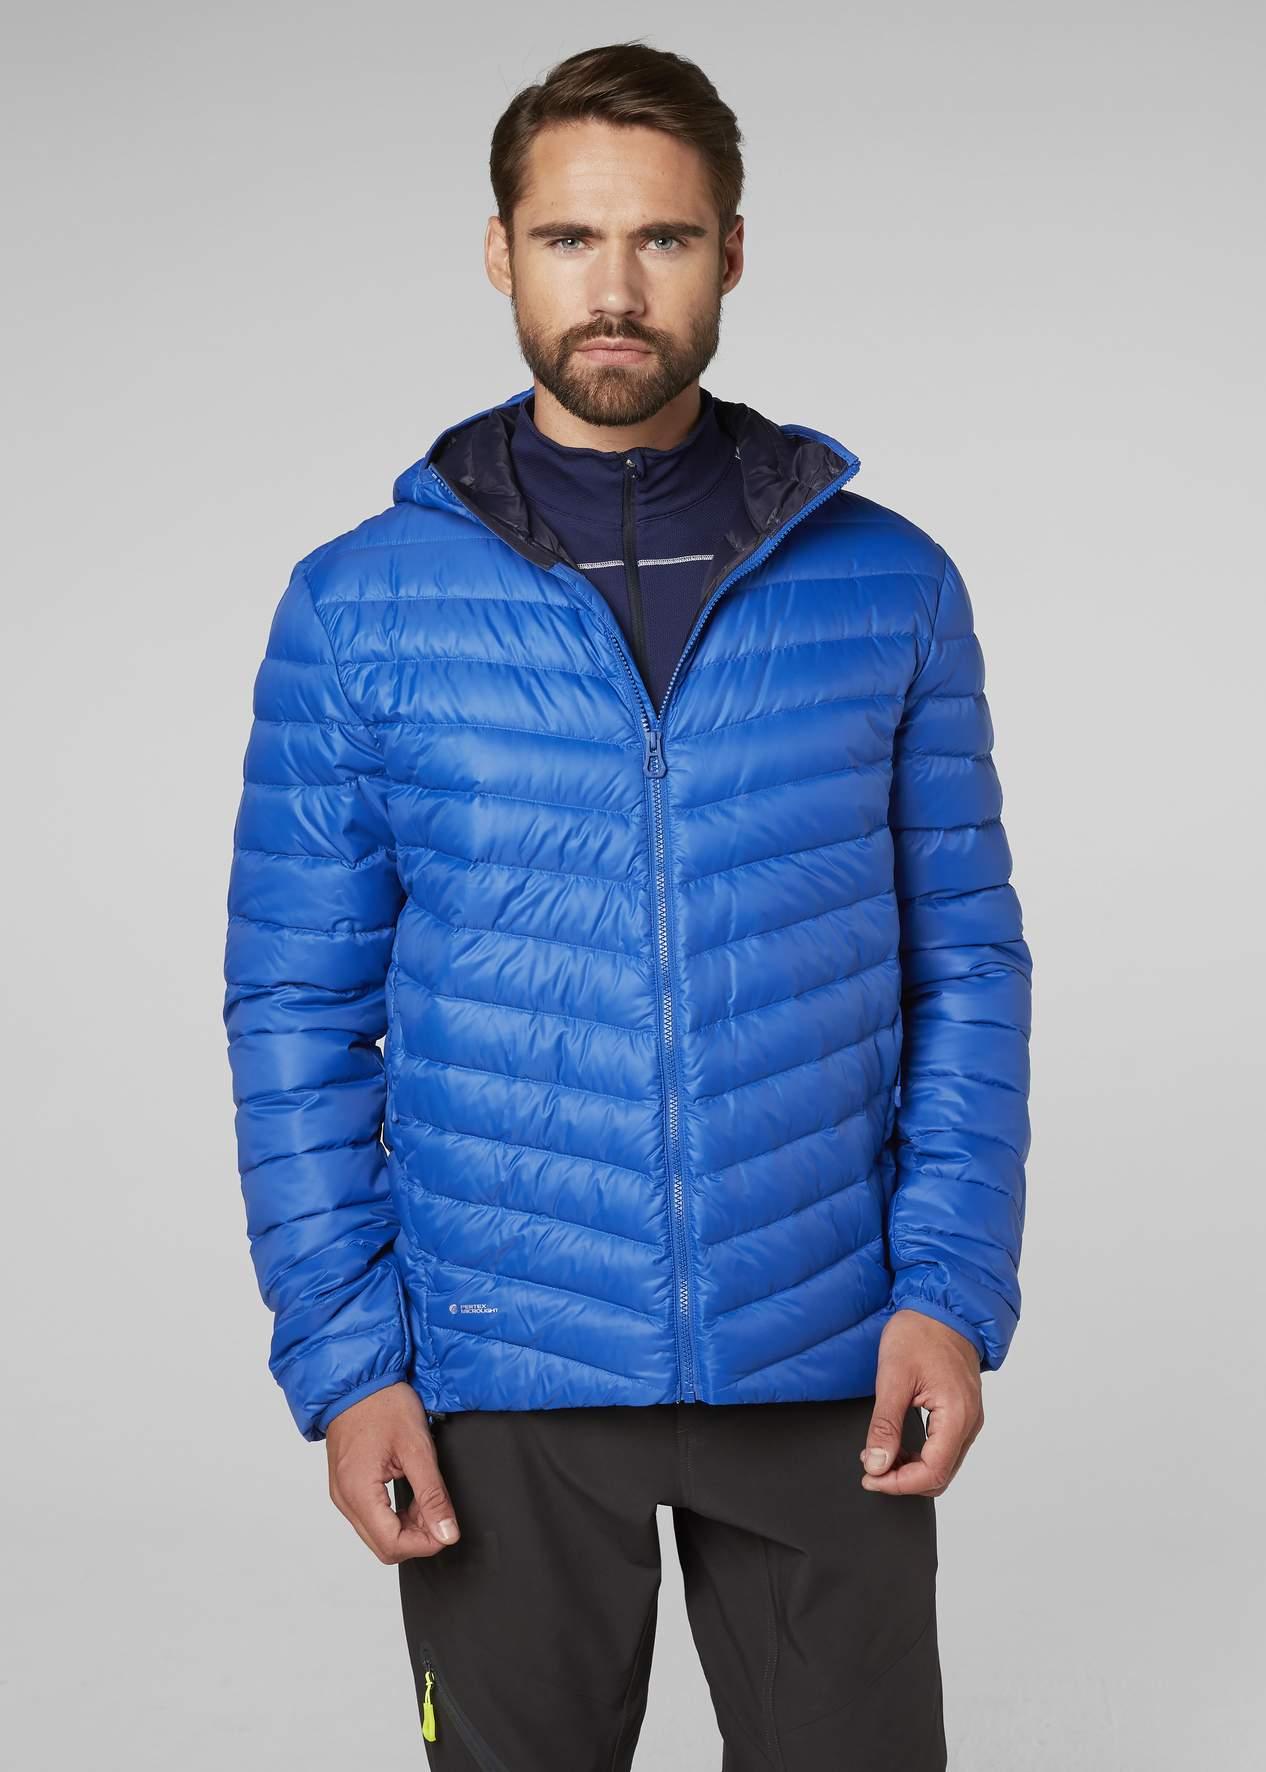 nowe niższe ceny nowy przyjeżdża całkiem miło Kurtka męska puchowa Helly Hansen VERGLAS HDED DOWN Jacket ...